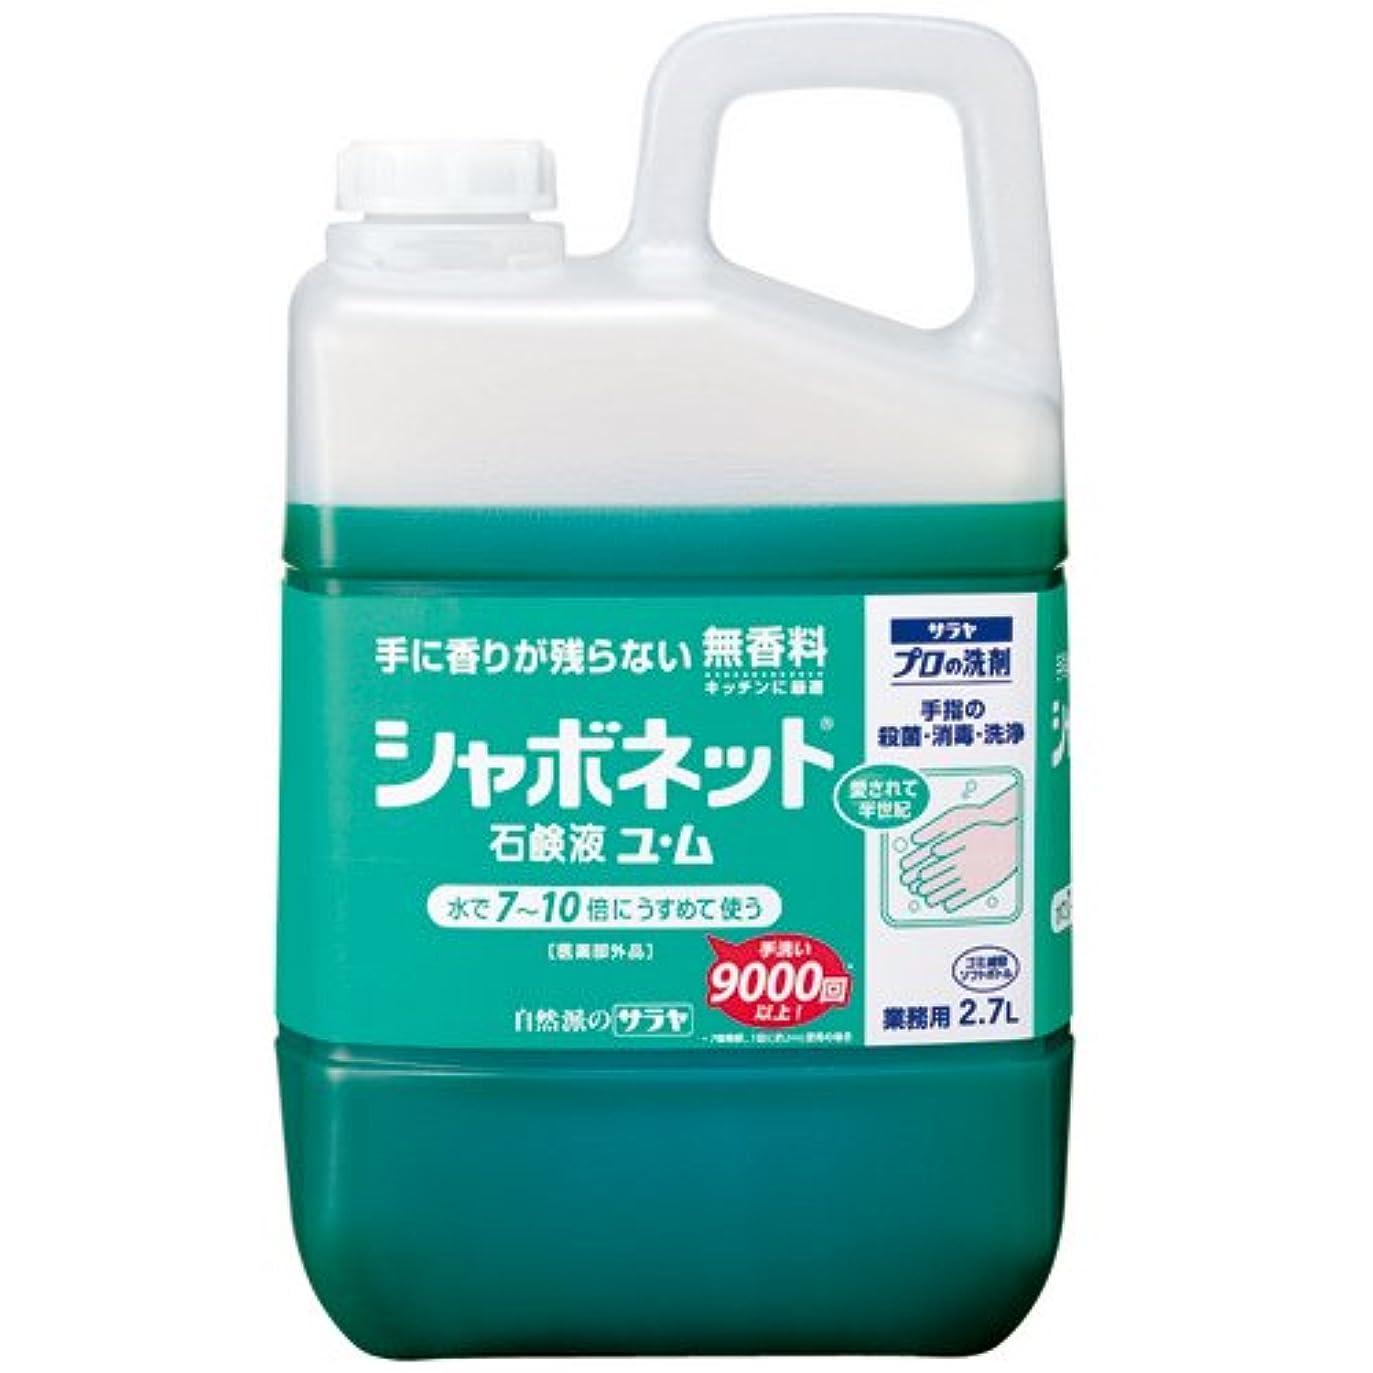 マリナー硫黄観察するサラヤ シャボネット 石鹸液 ユ?ム 業務用 2.7L